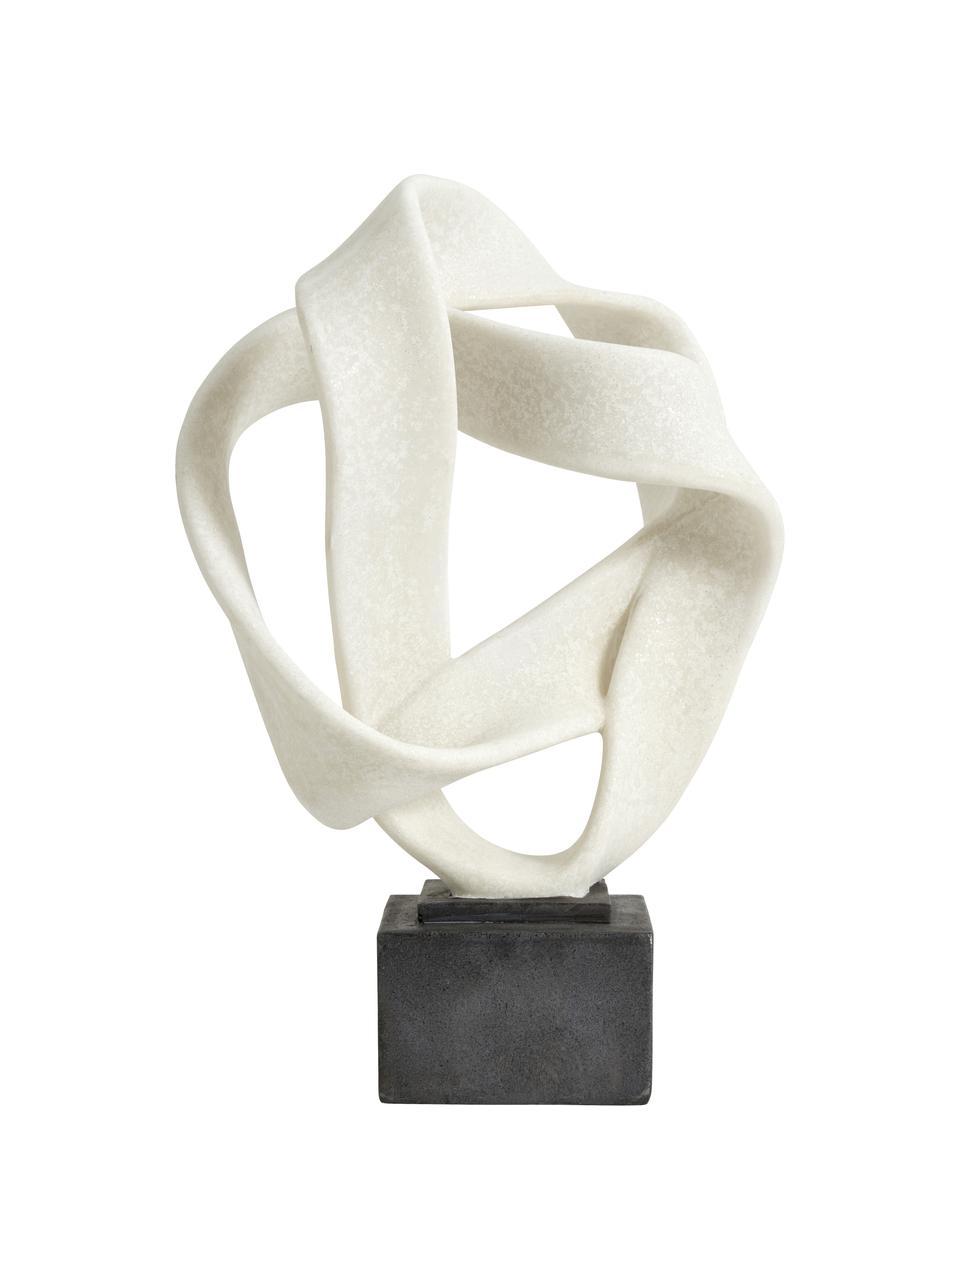 Deko-Objekt Rosala, Kunststoff, Weiß, Schwarz, 22 x 43 cm